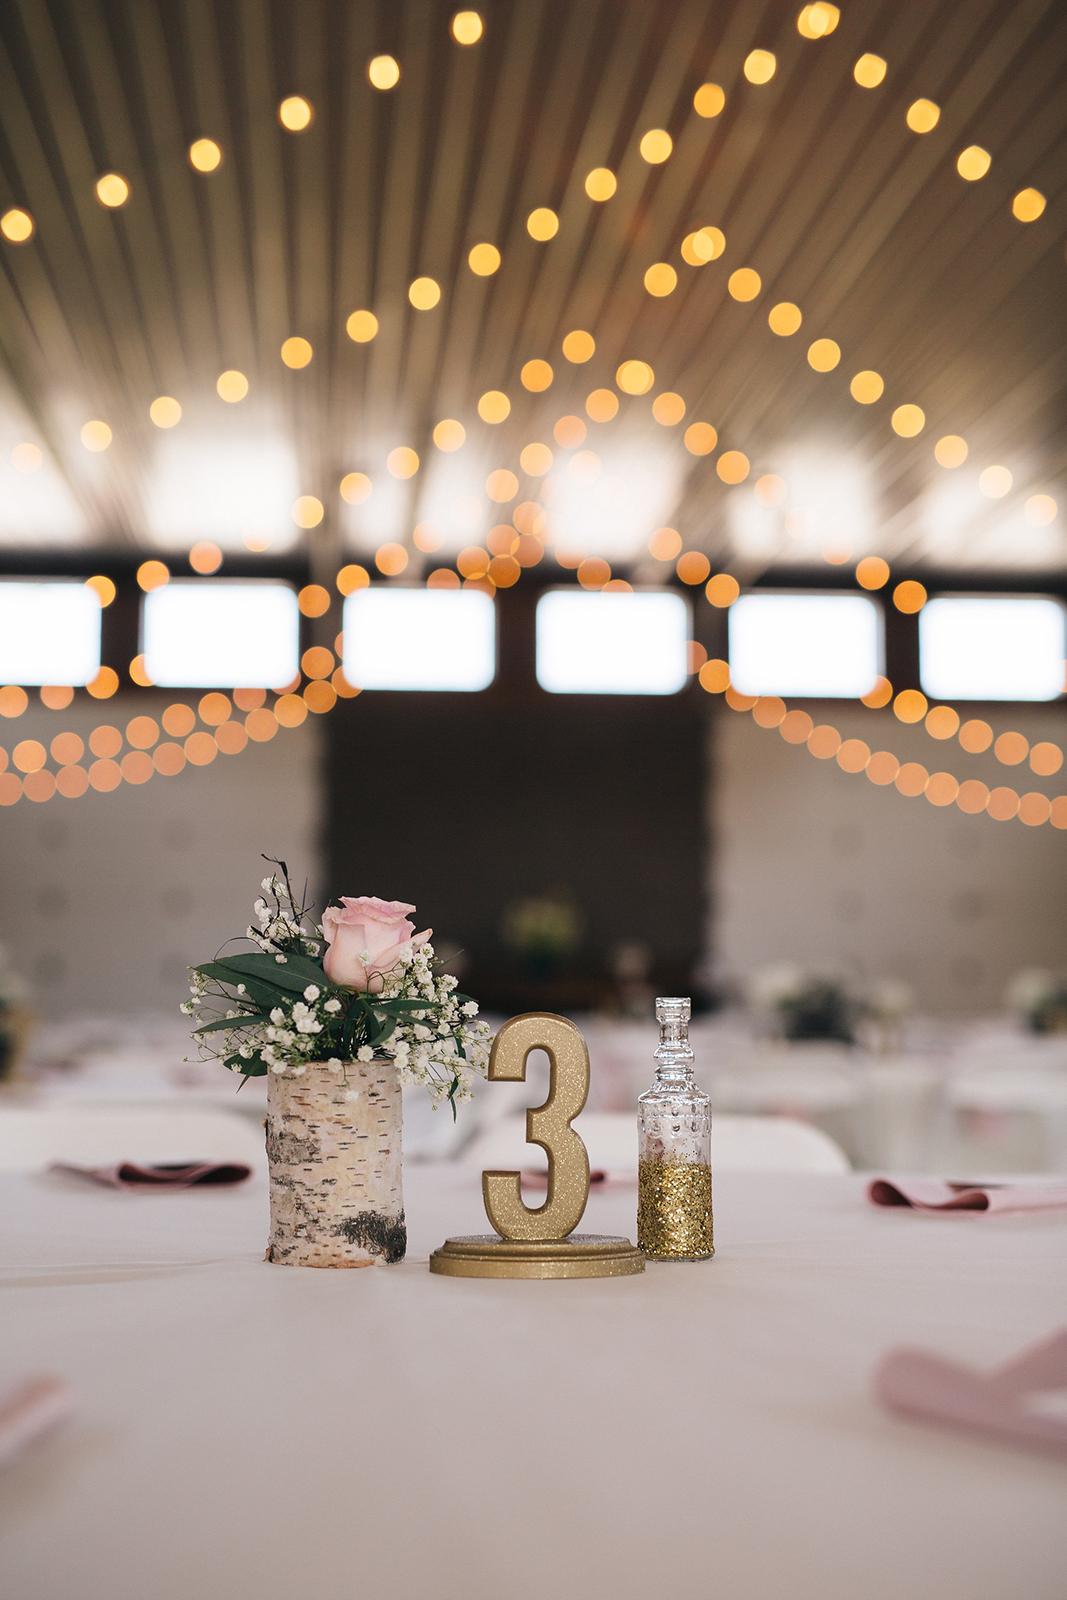 DIY wedding centerpieces at a wedding in Toledo, Ohio.